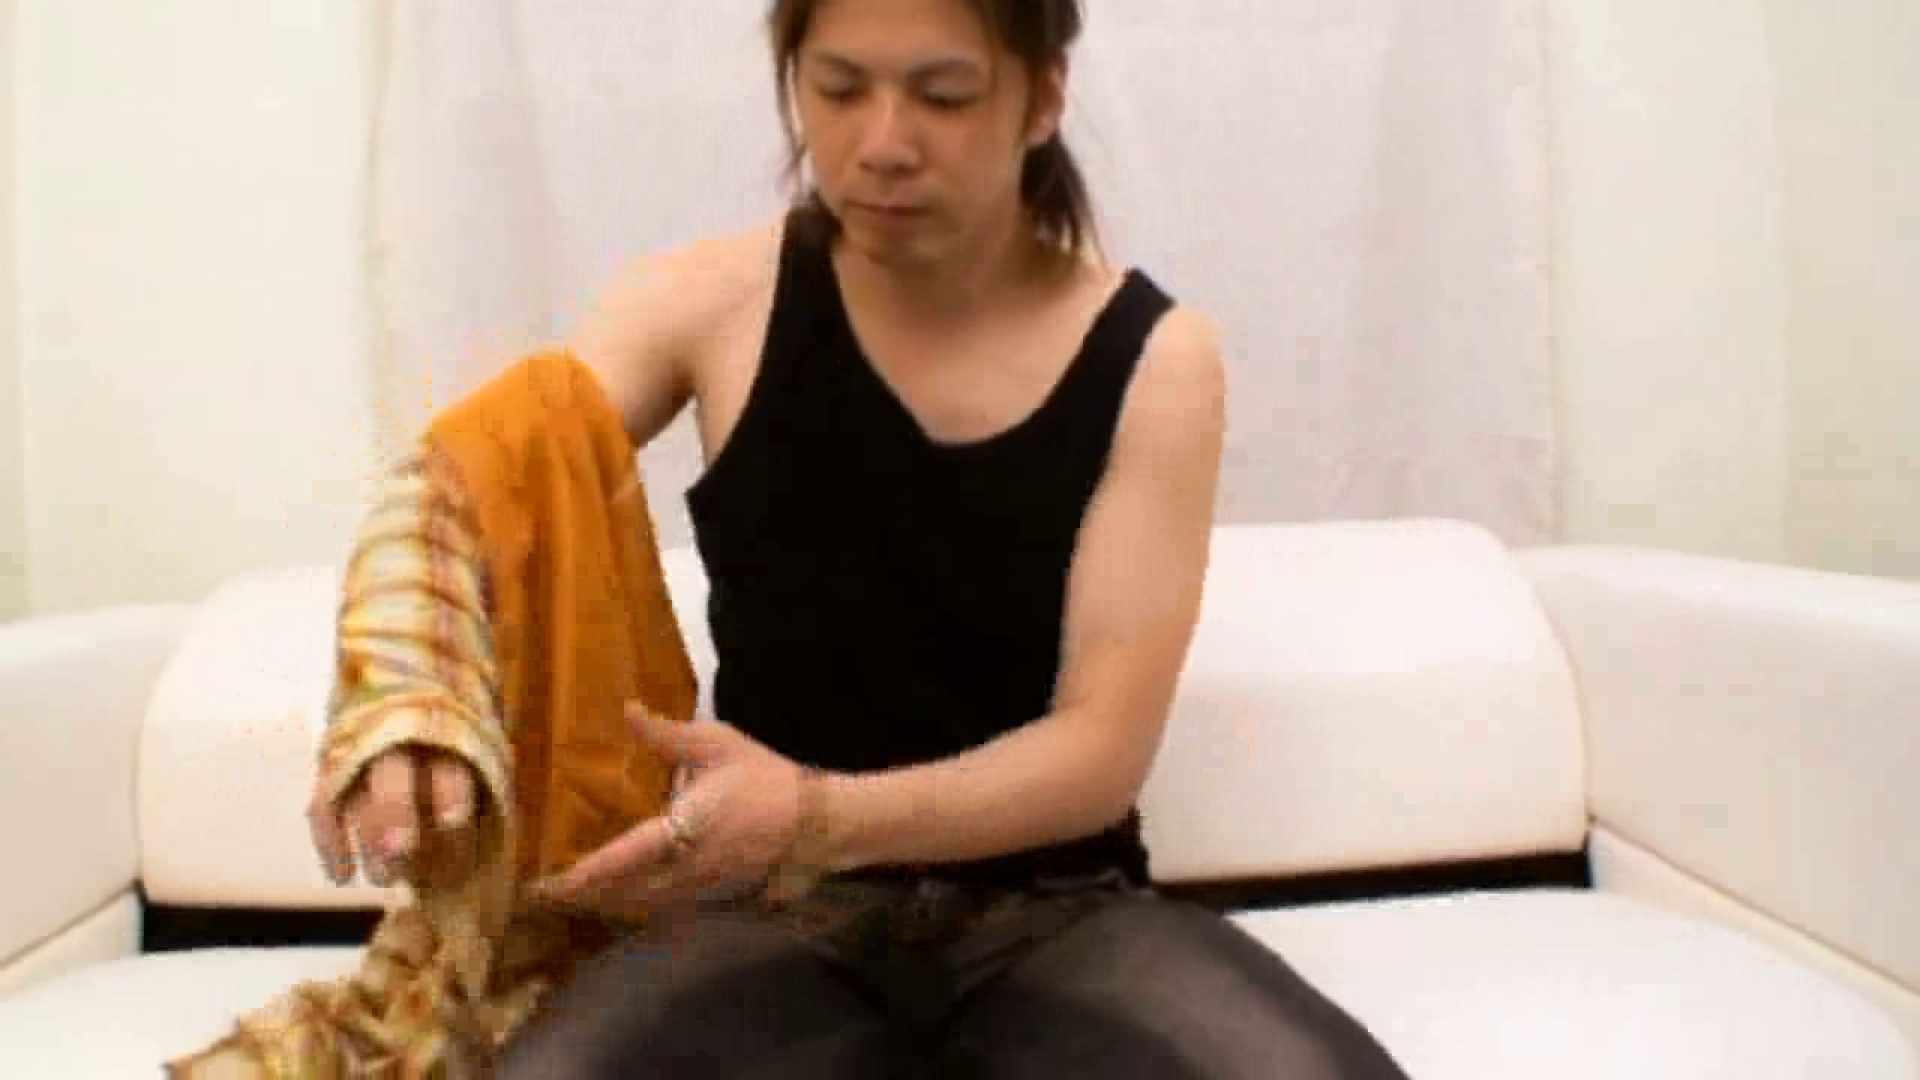 ノンケ!自慰スタジオ No.18 イケメン  86pic 40